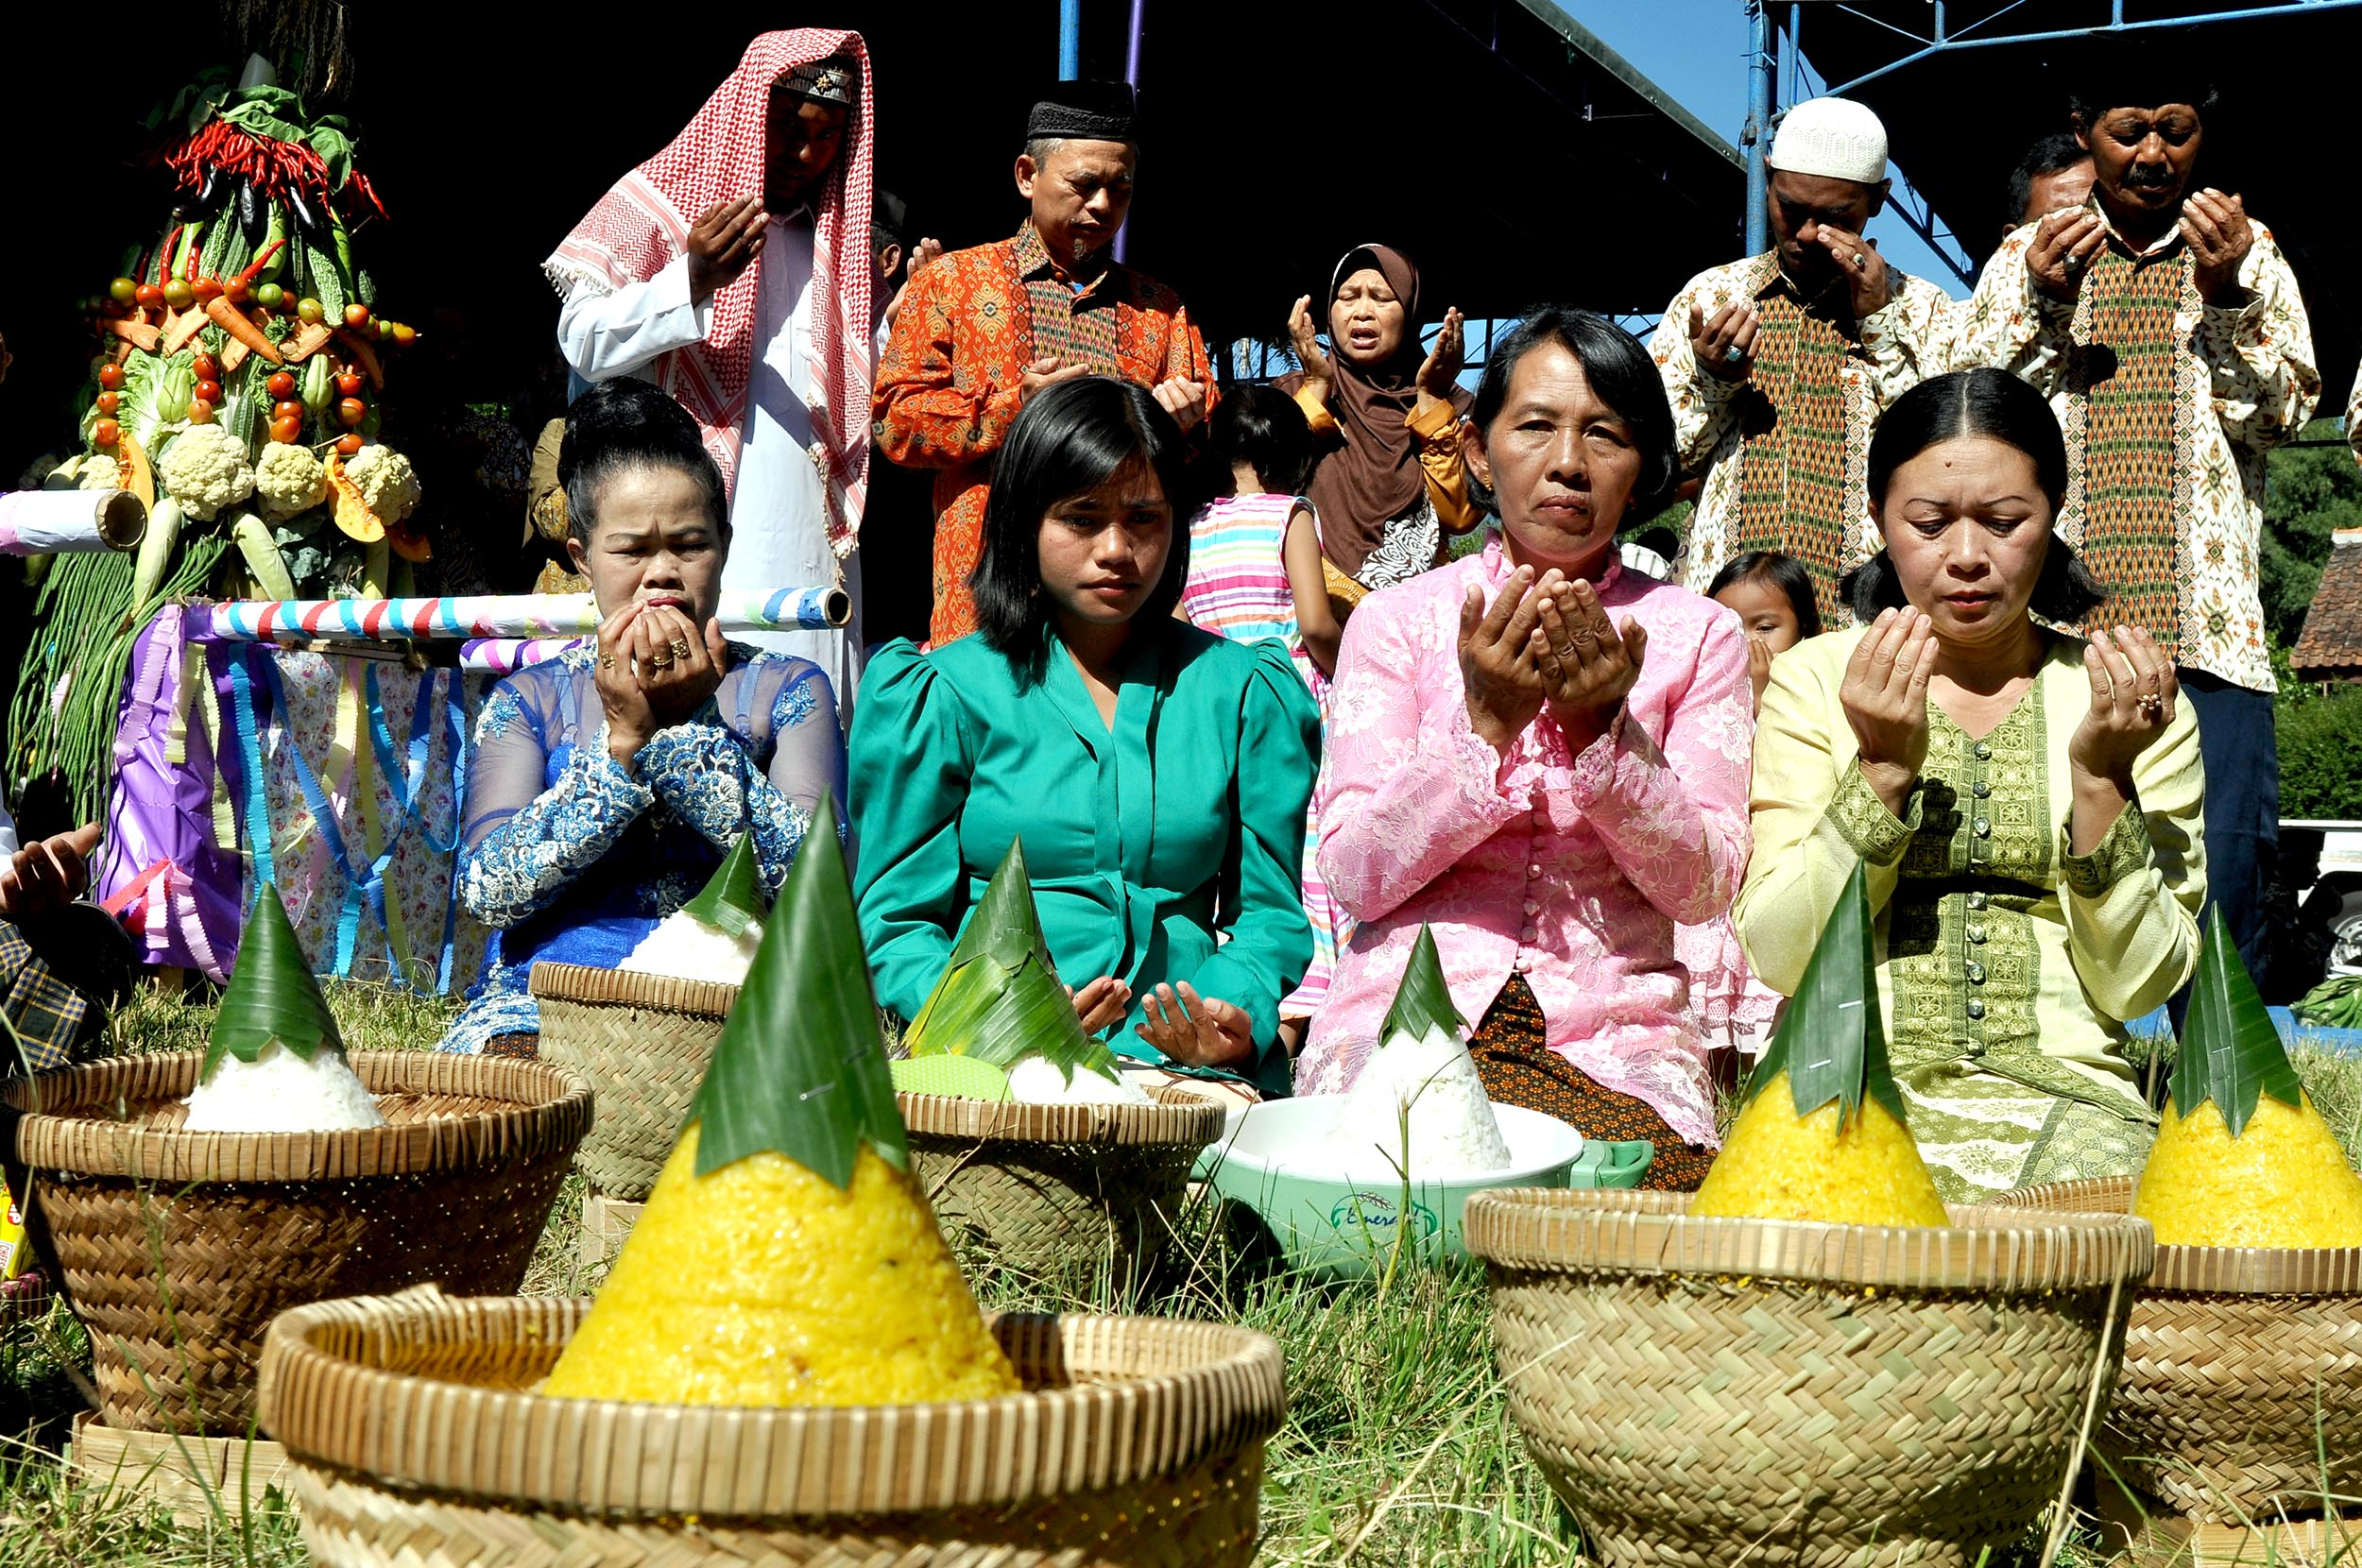 Tradisi Nyadran di Surabaya | www.wego.co.id